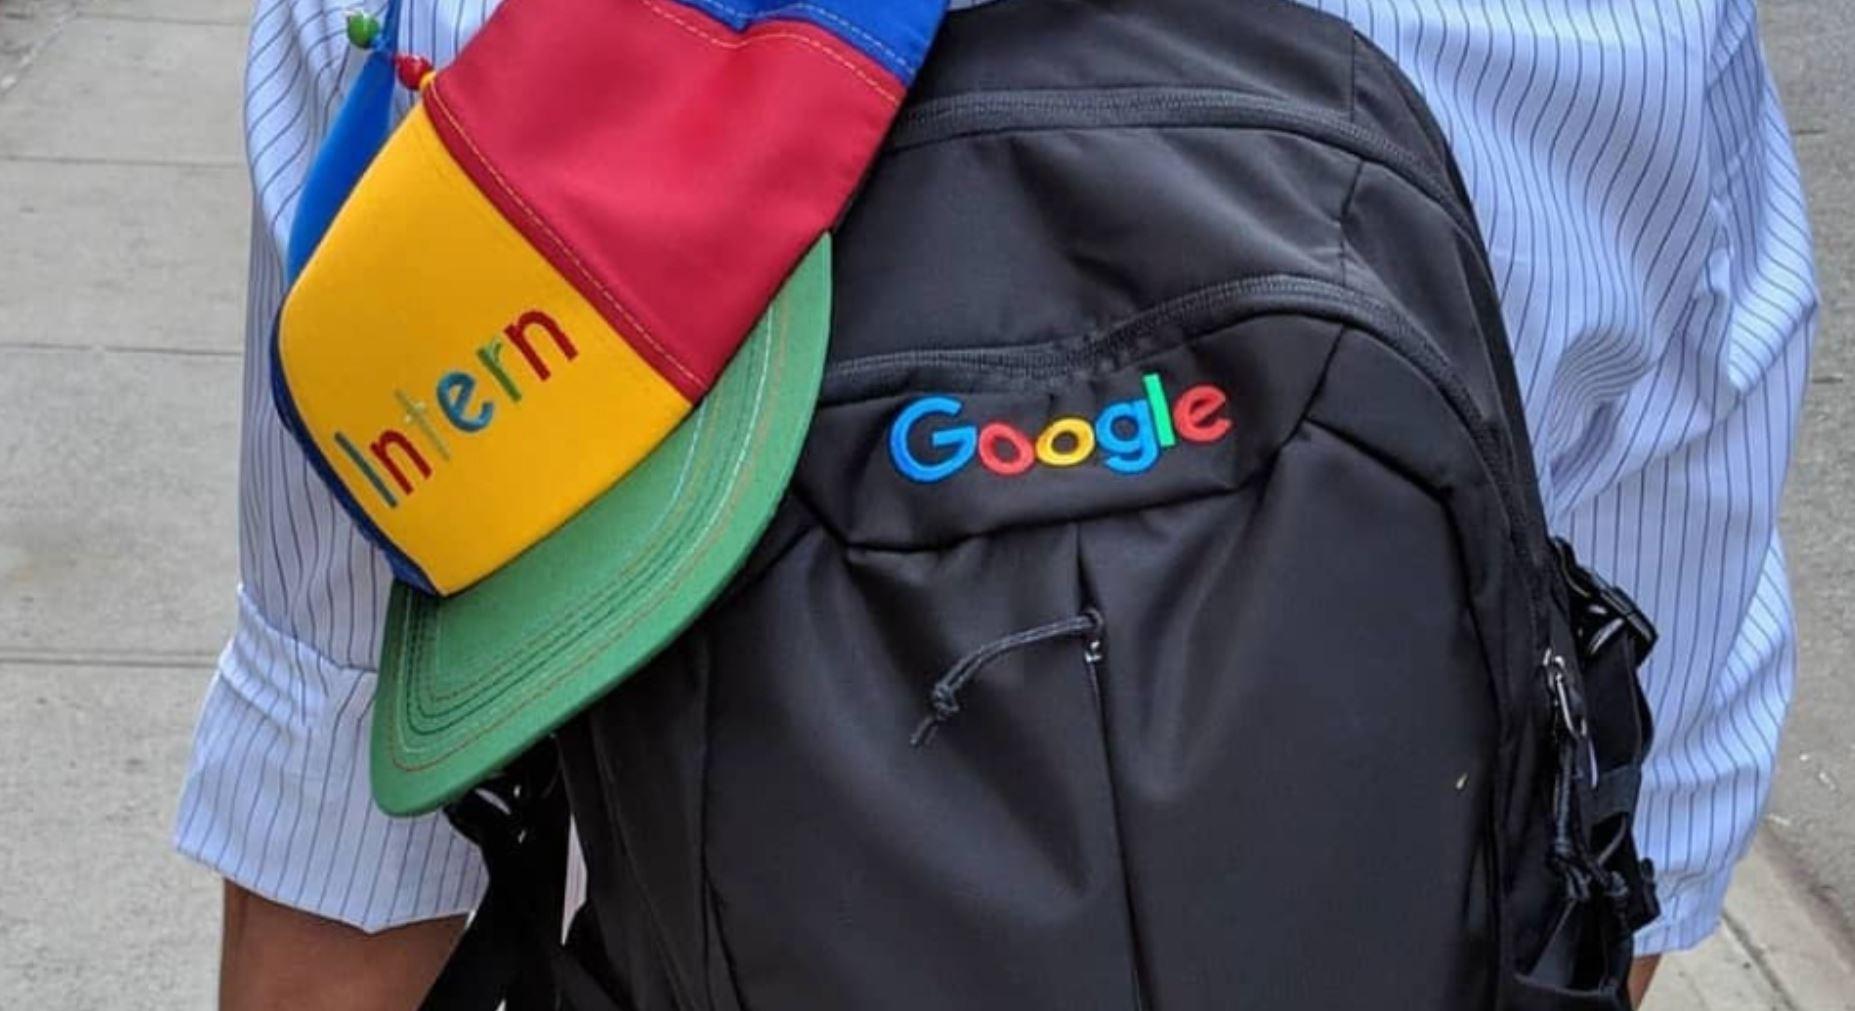 Con esta modalidad Google te acerca laosibilidad de buscar experiencia laboral sin moverte de tu casa,no importa dónde vivas